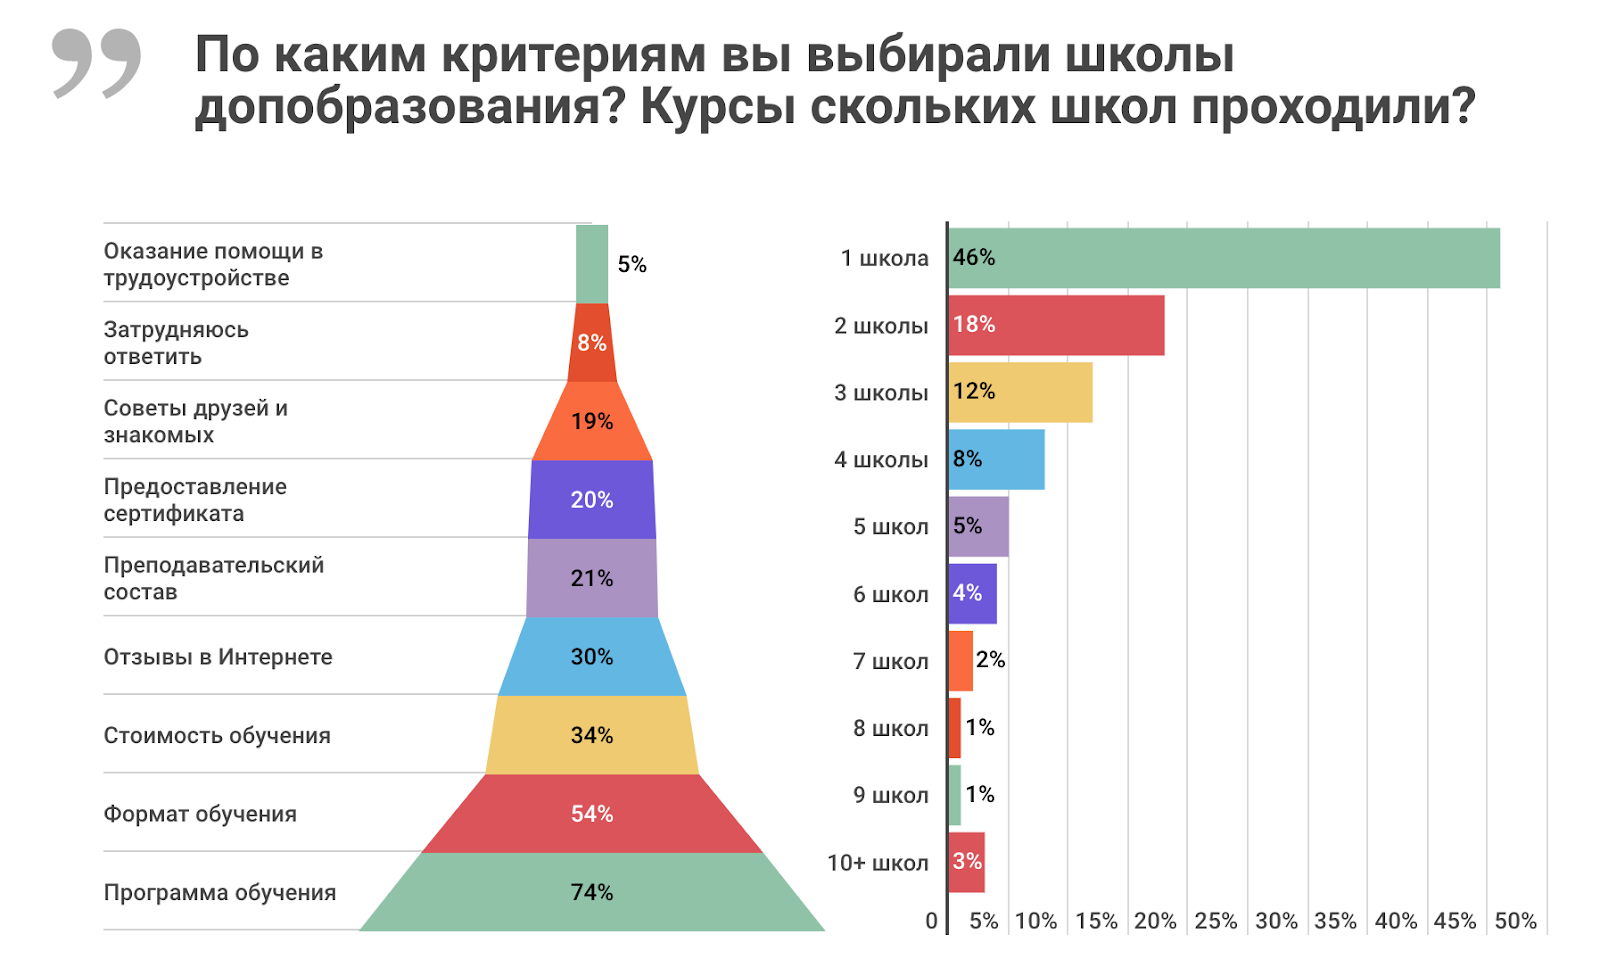 Высшее и дополнительное образование в ИТ: результаты исследования «Моего круга» - 17